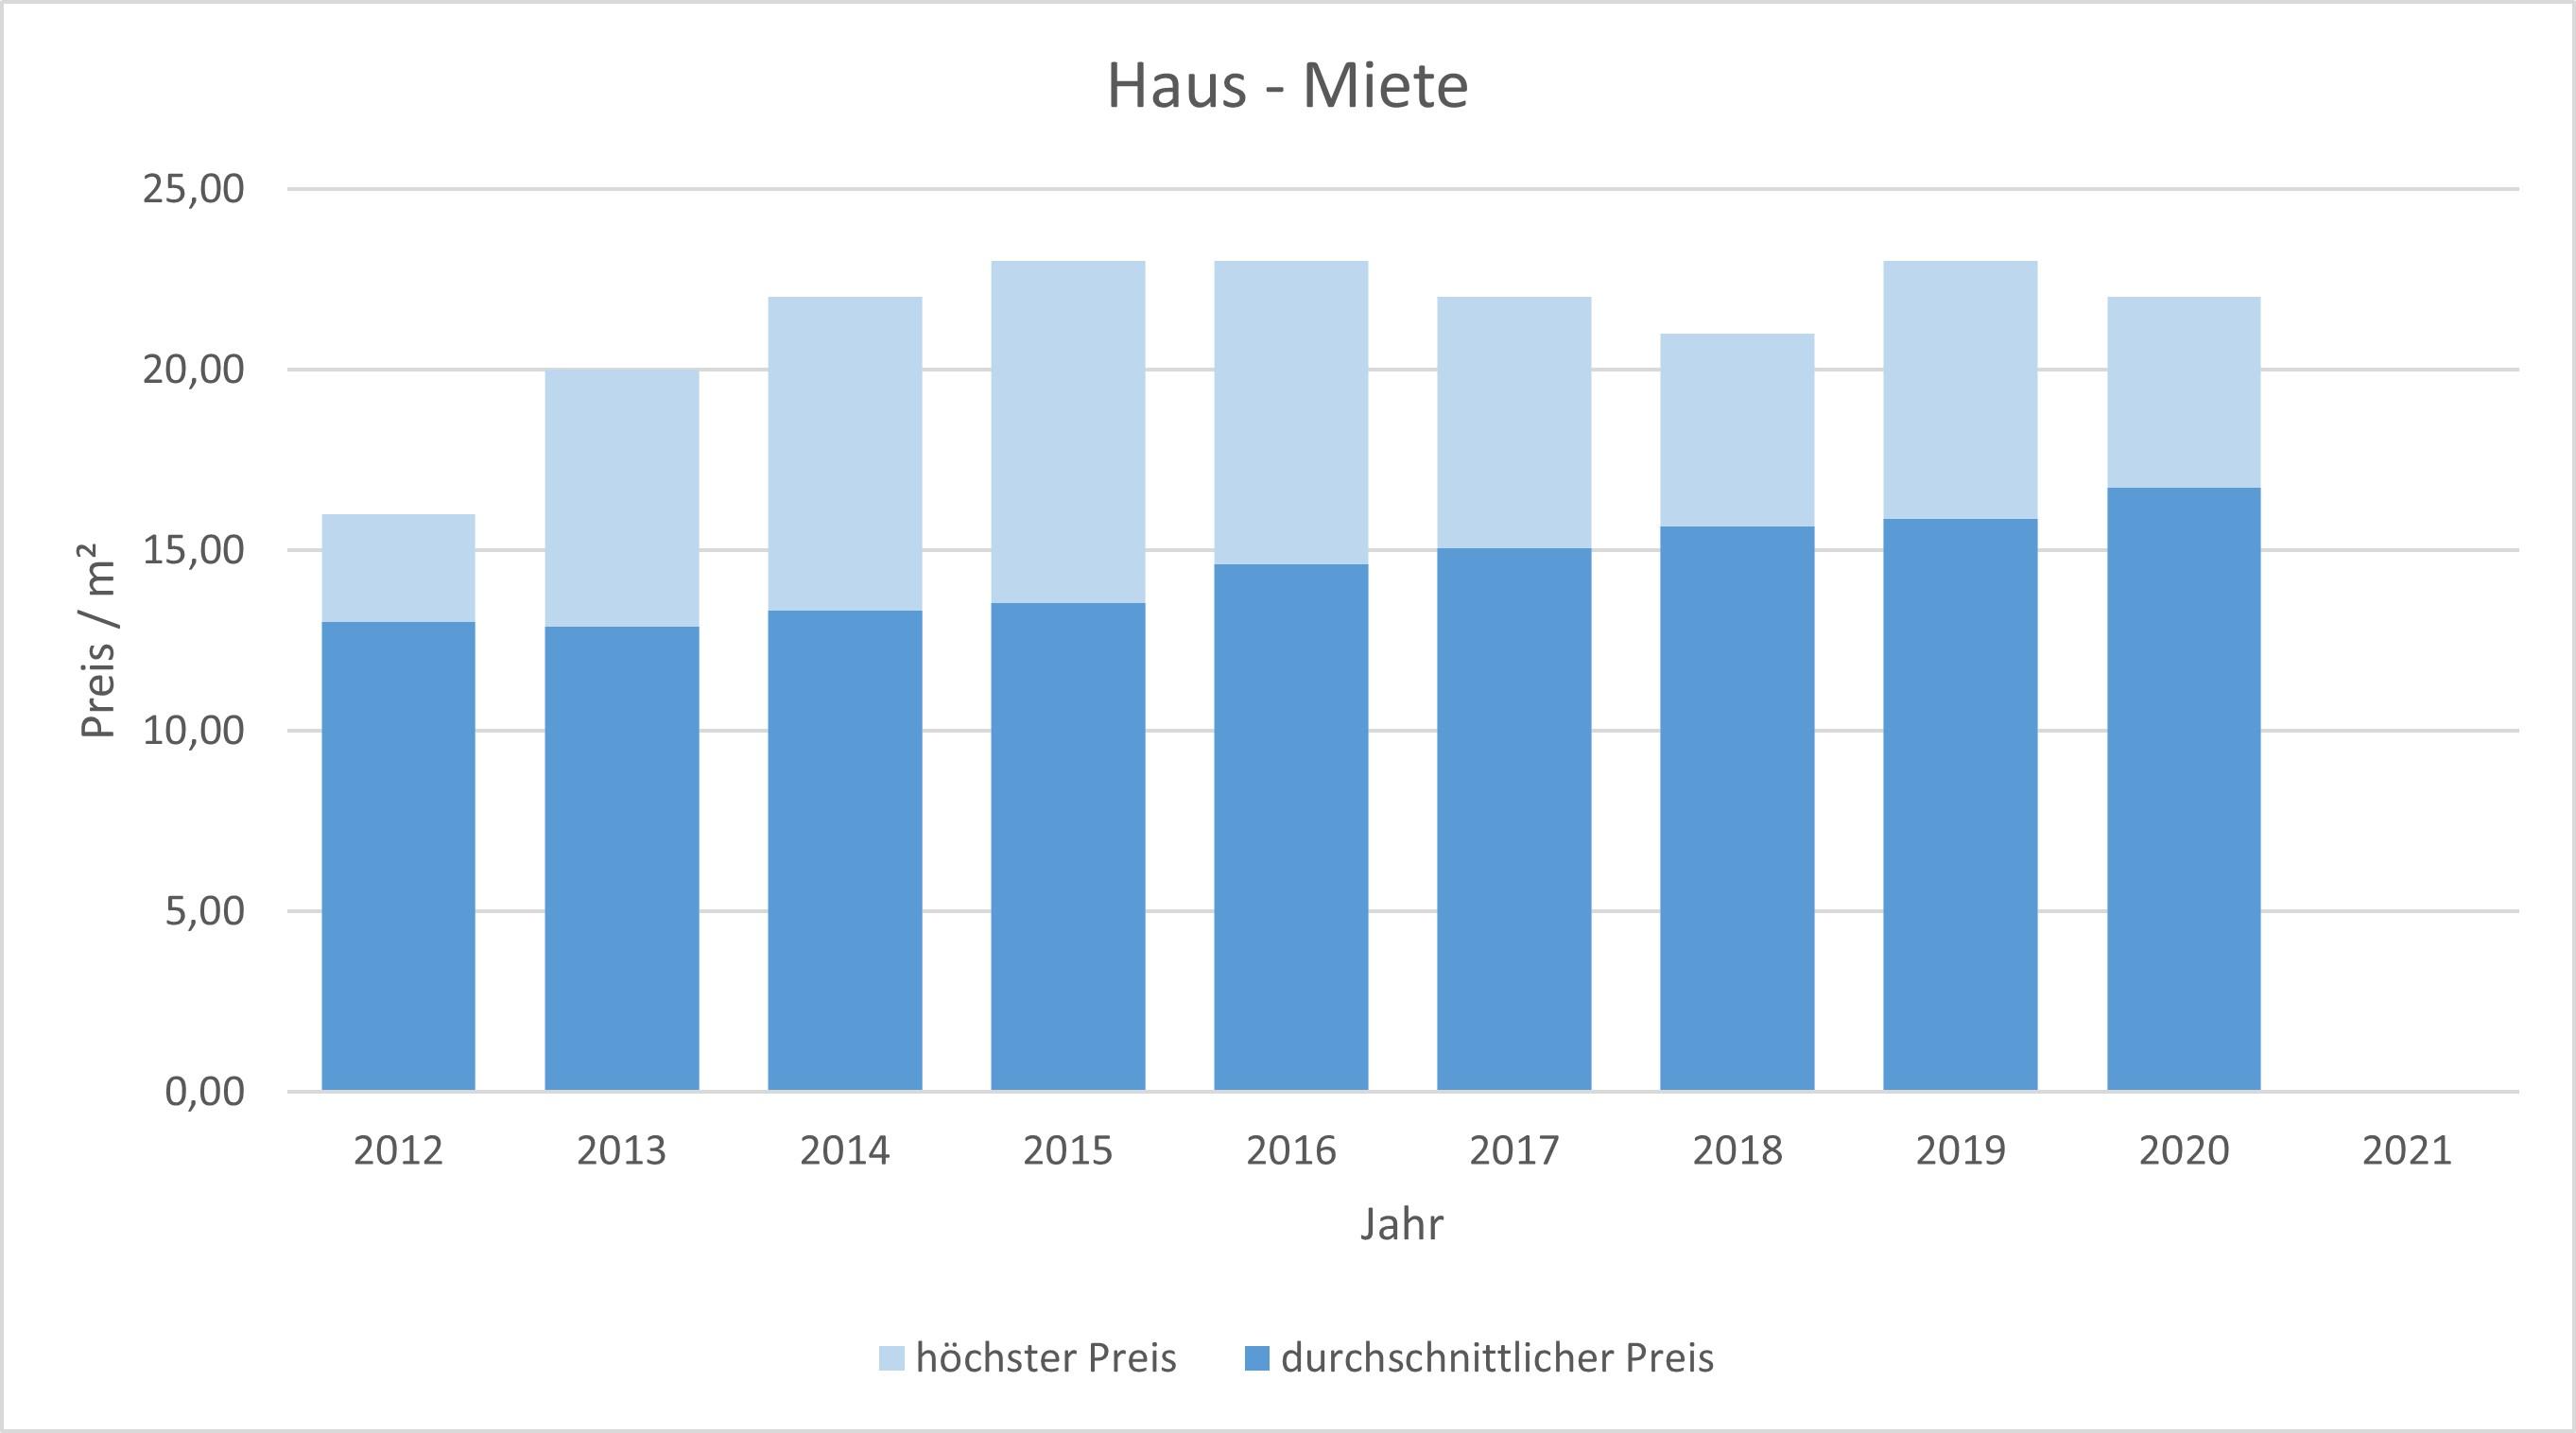 München - Perlach Haus mieten vermieten Preis Bewertung Makler www.happy-immo.de 2019 2020 2021